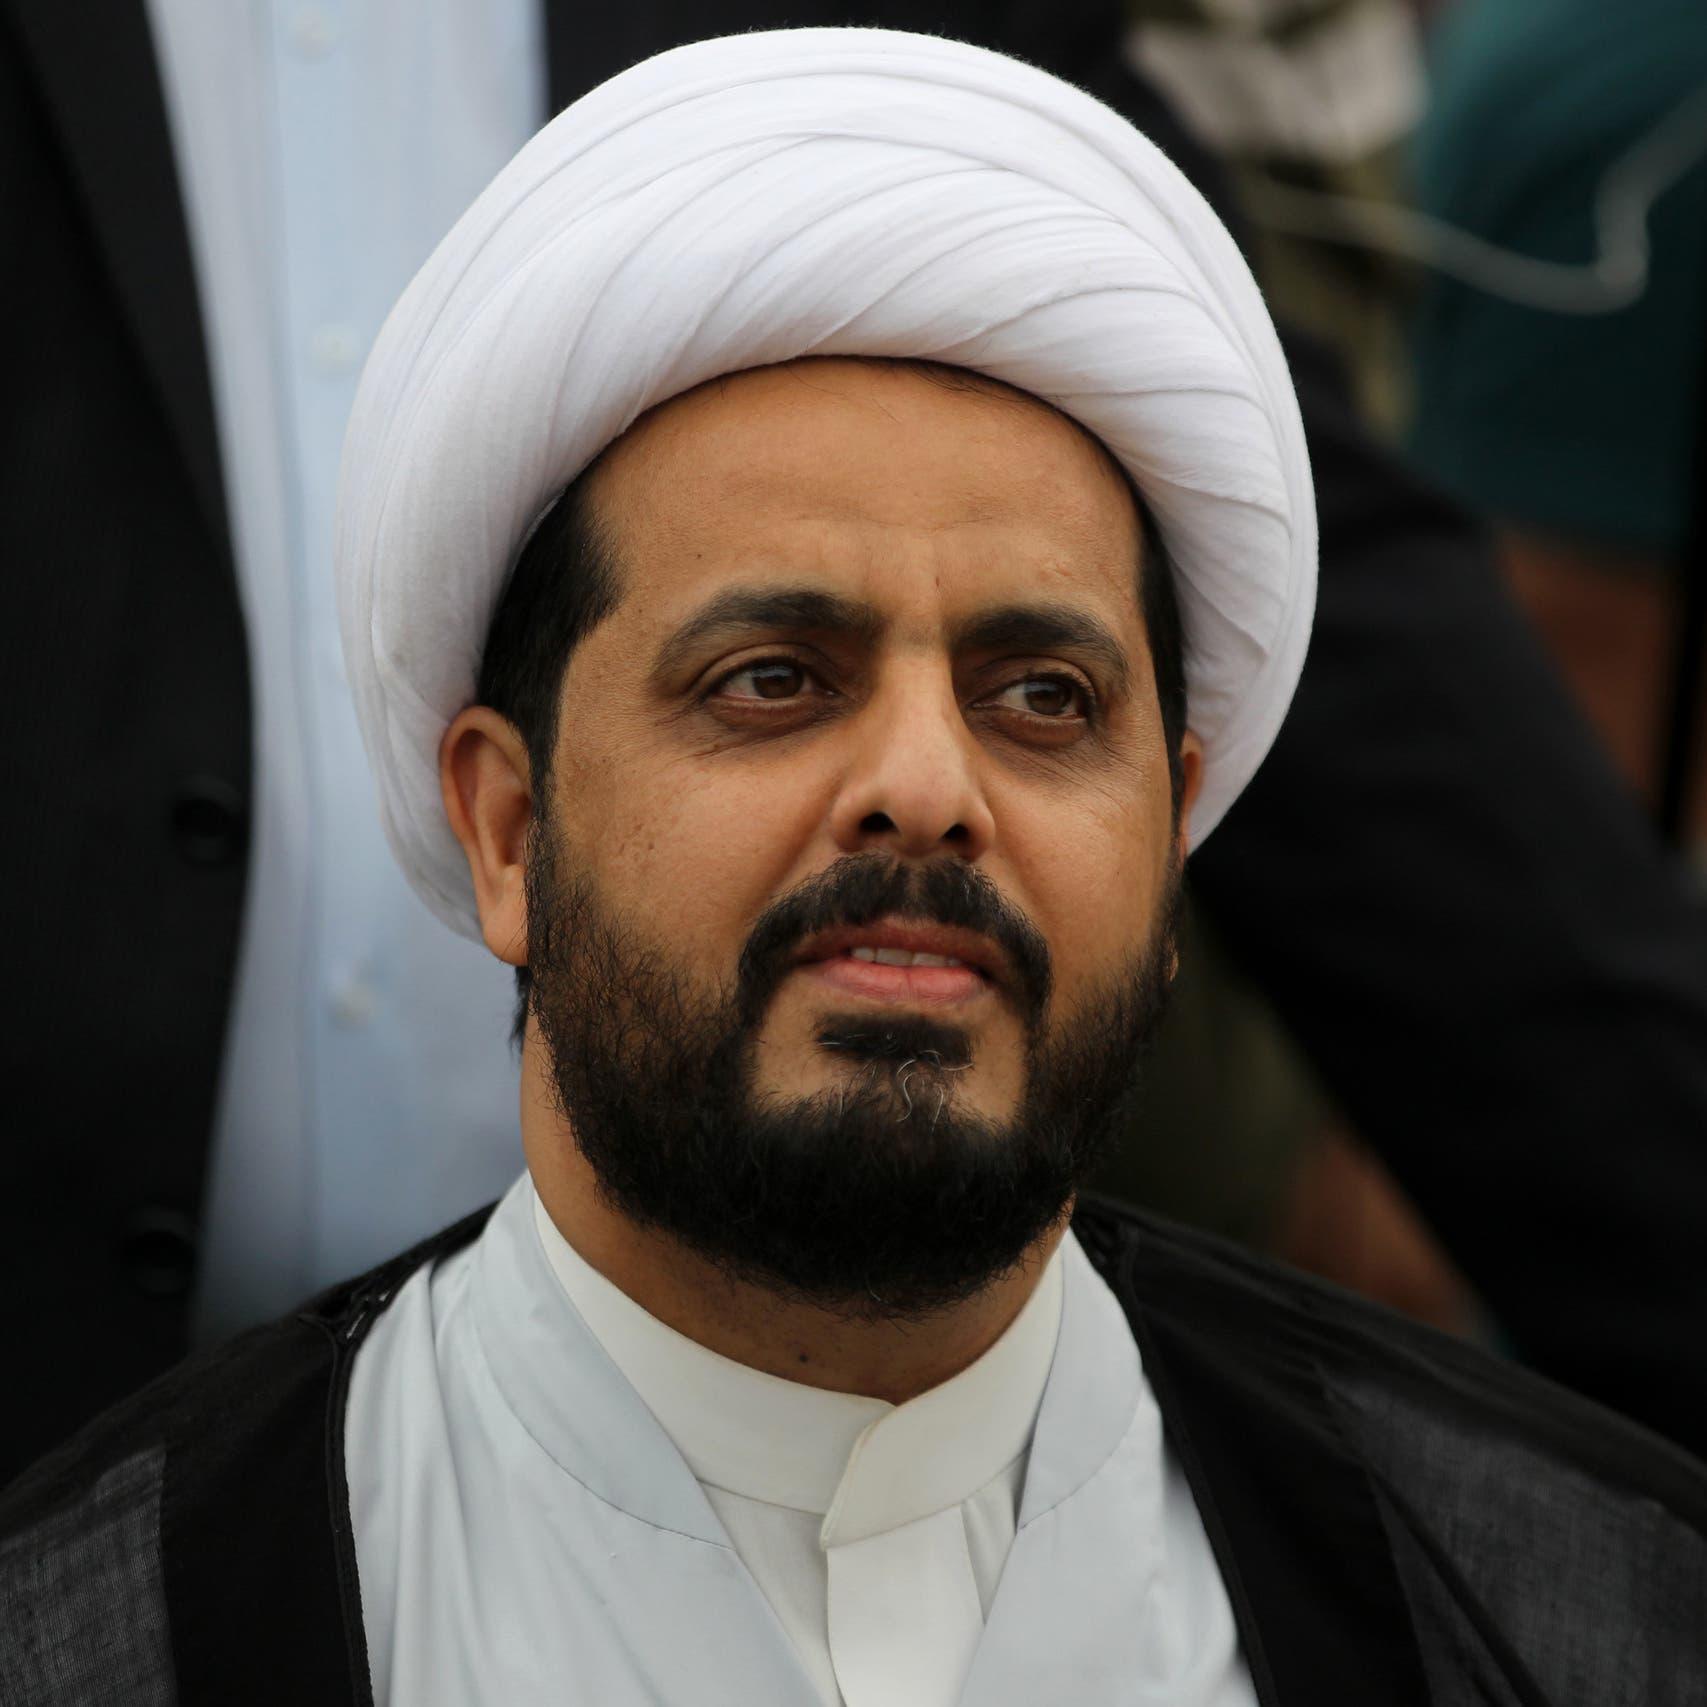 """زعيم """"العصائب"""": الرد العراقي لن يكون أقل من حجم رد إيران"""